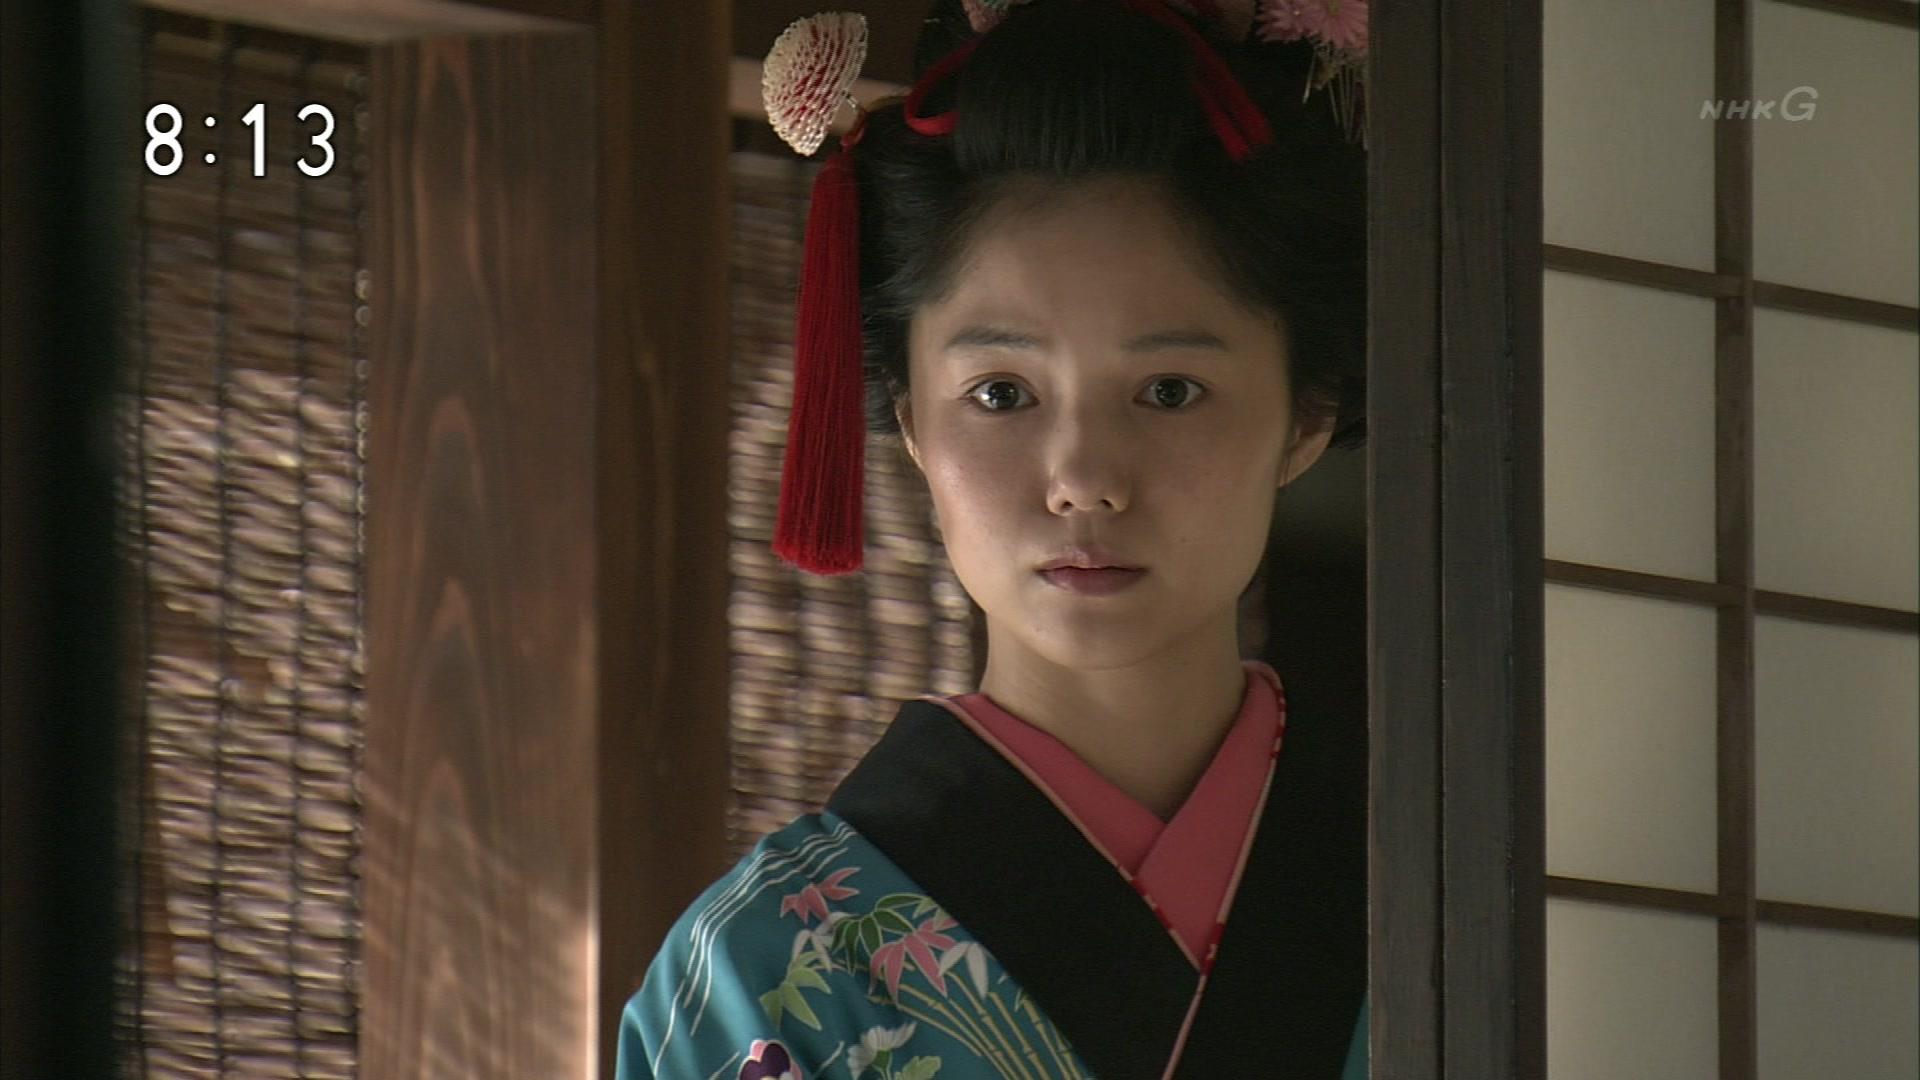 2015-10-09 08:00 連続テレビ小説 あさが来た(11)「ふたつの花びら」 2419